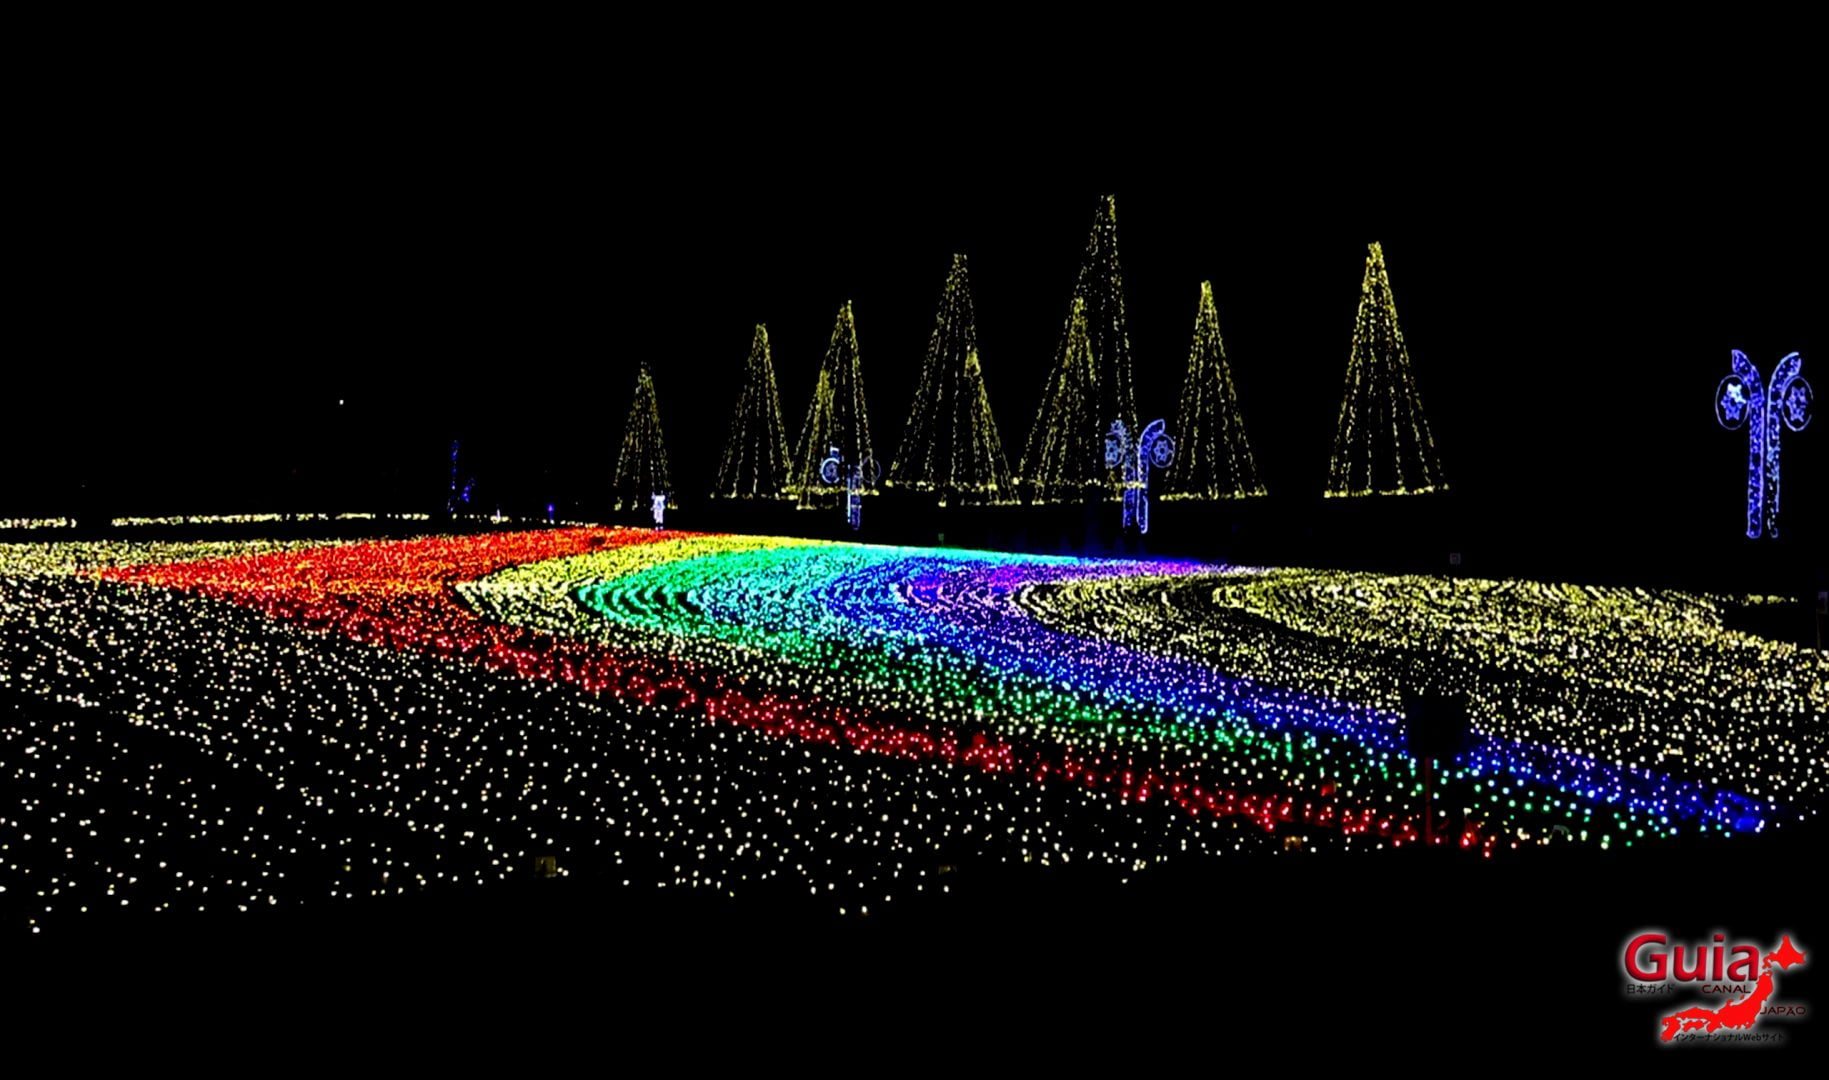 शीतकालीन प्रकाश पार्क किसो सनसेन - Kaizu १